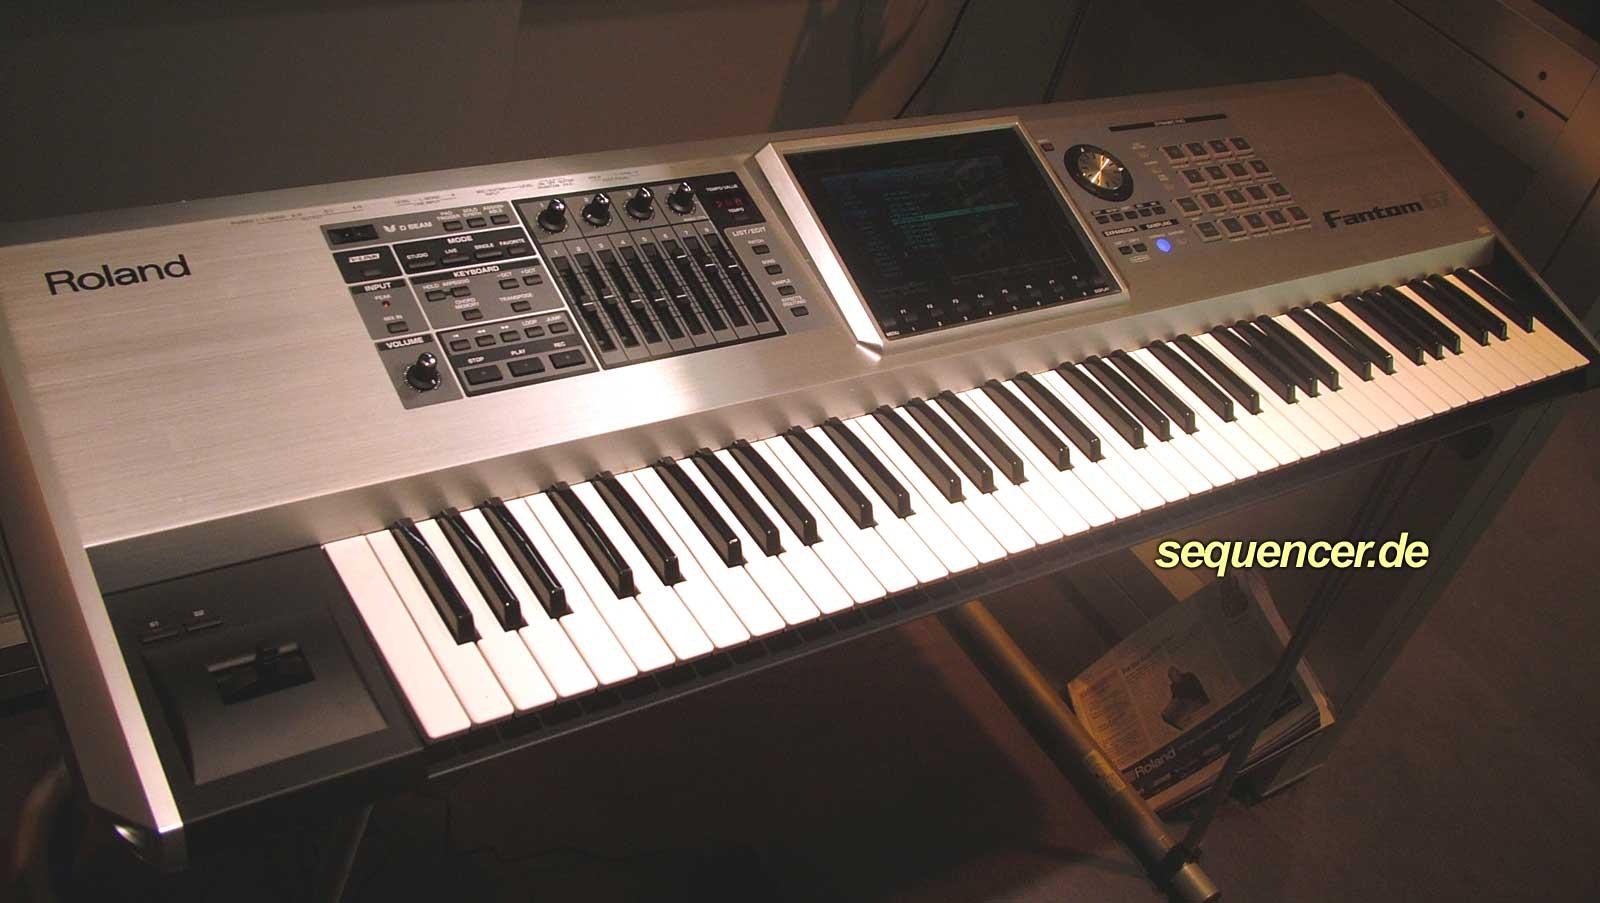 Roland Fantom G6, Fantom G7, Fantom G8 synthesizer